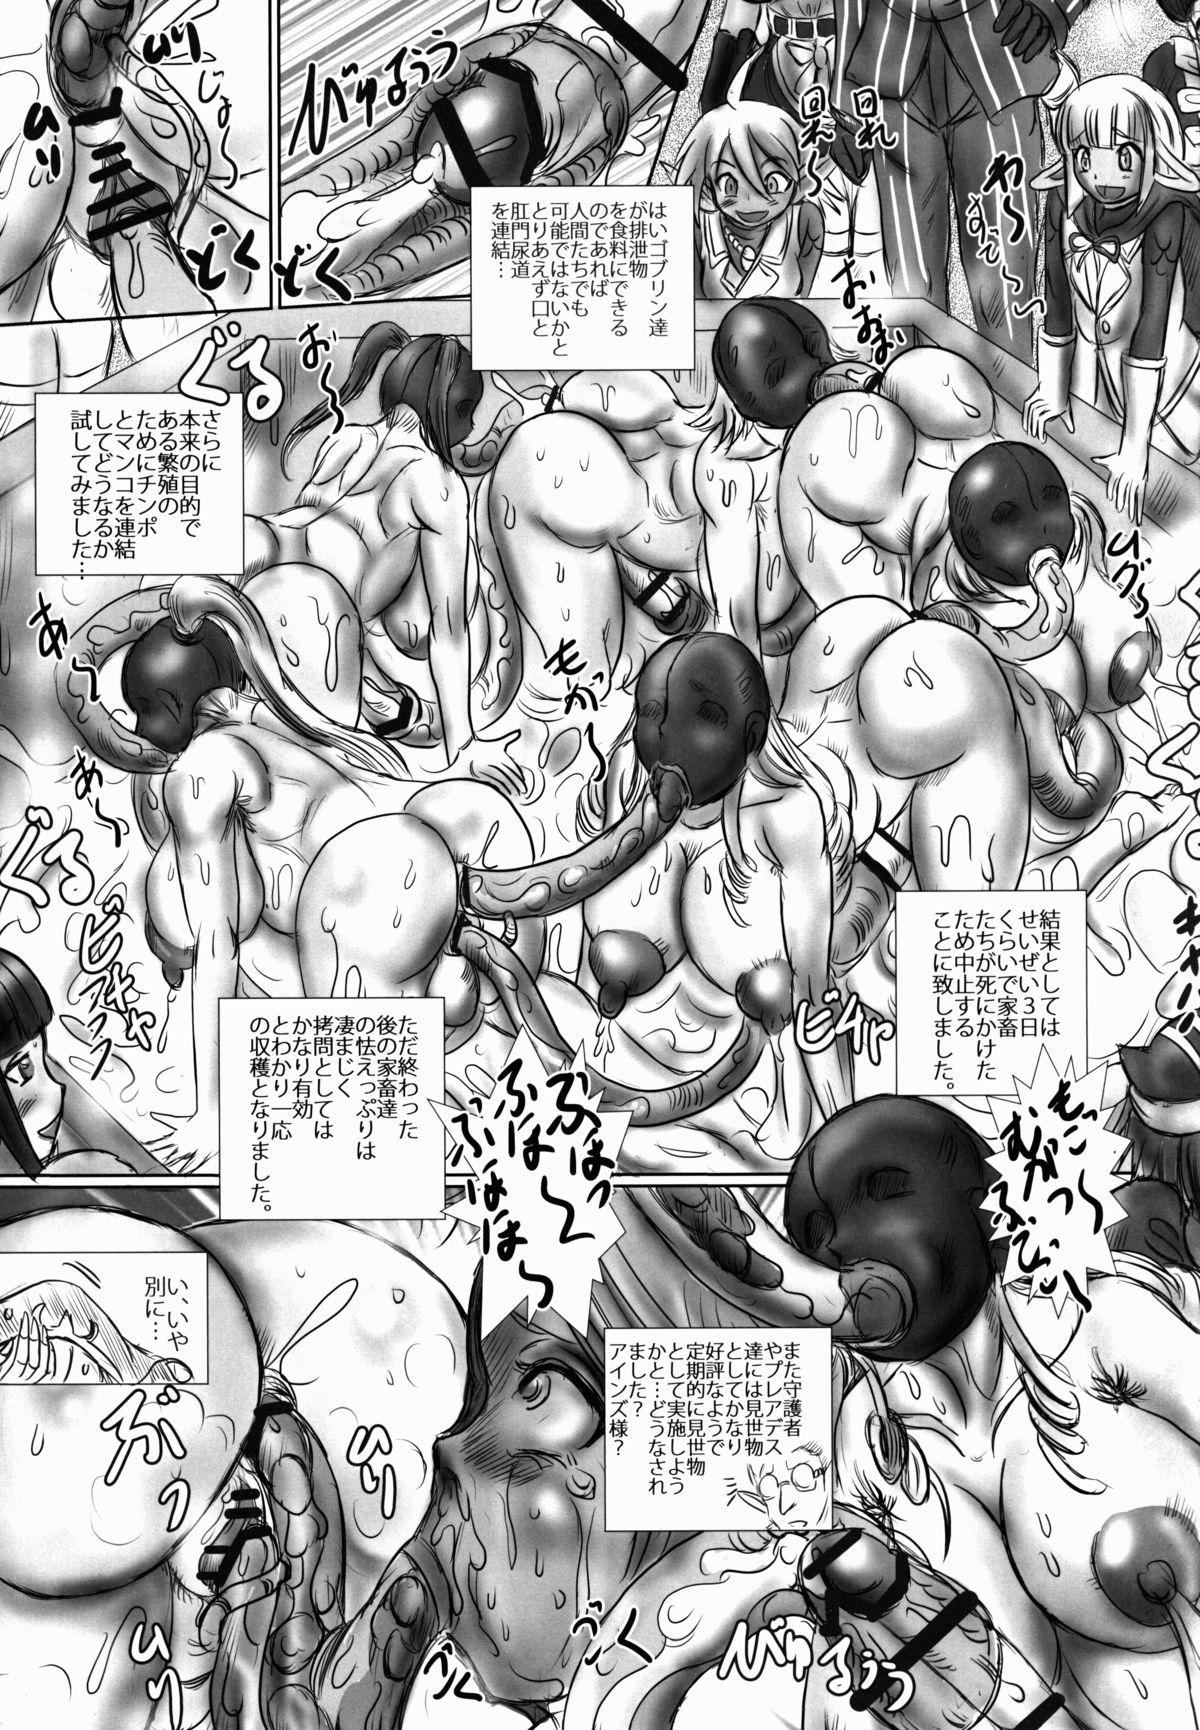 Oideyo! Nazarick no Futanari Bokujou 20